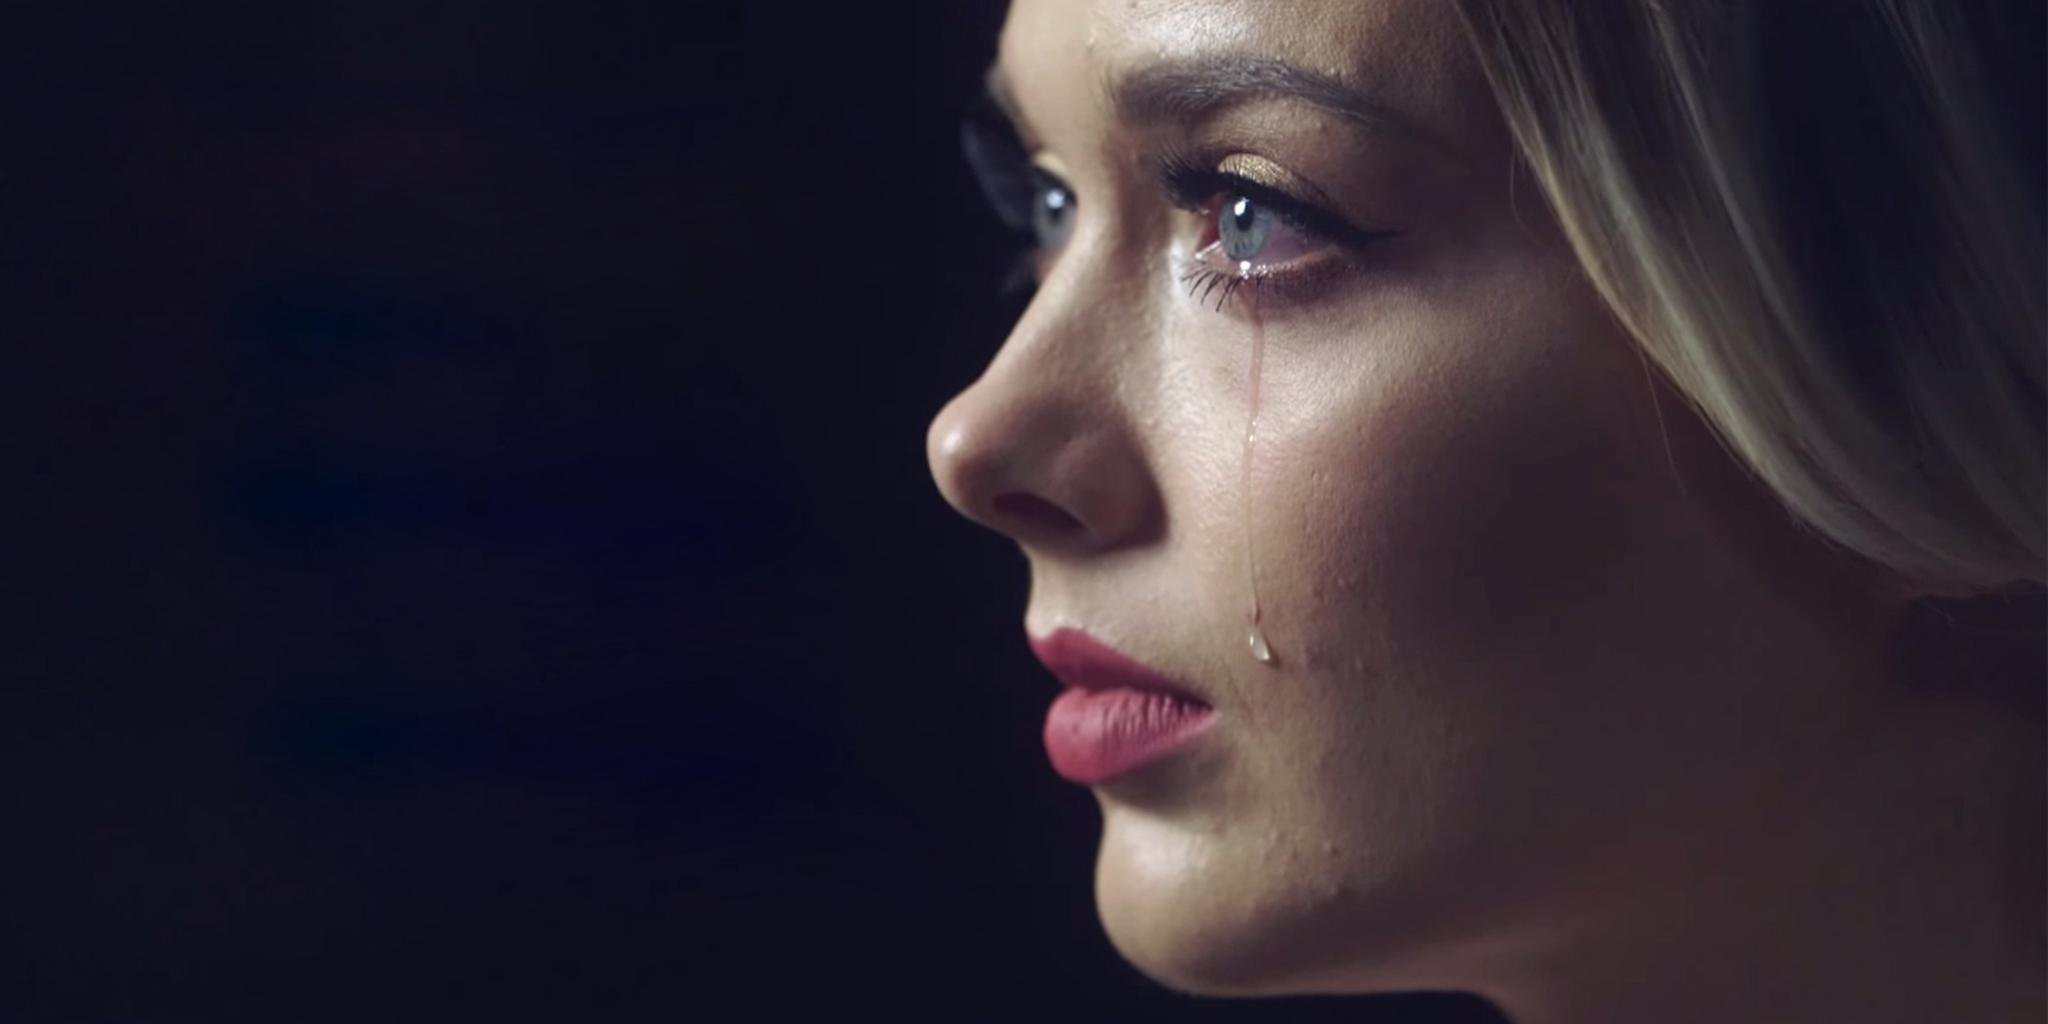 suami mengabaikan perasaan istri, suami mengabaikan perasaan isteri, hukum isteri mendiamkan suami, istri menangis rejeki suami hilang, suami jarang memberi nafkah batin, tanda istri bosan dengan suami, isteri tak redha suami, tanggungjawab seorang suami, tanda harus bercerai, istri sering menangis, tidak bahagia dengan suami, hati isteri yang terguris, istri menangis suami tak peduli, hadith suami menyakiti istri, apa hukumnya jika suami membuat istri menangis,